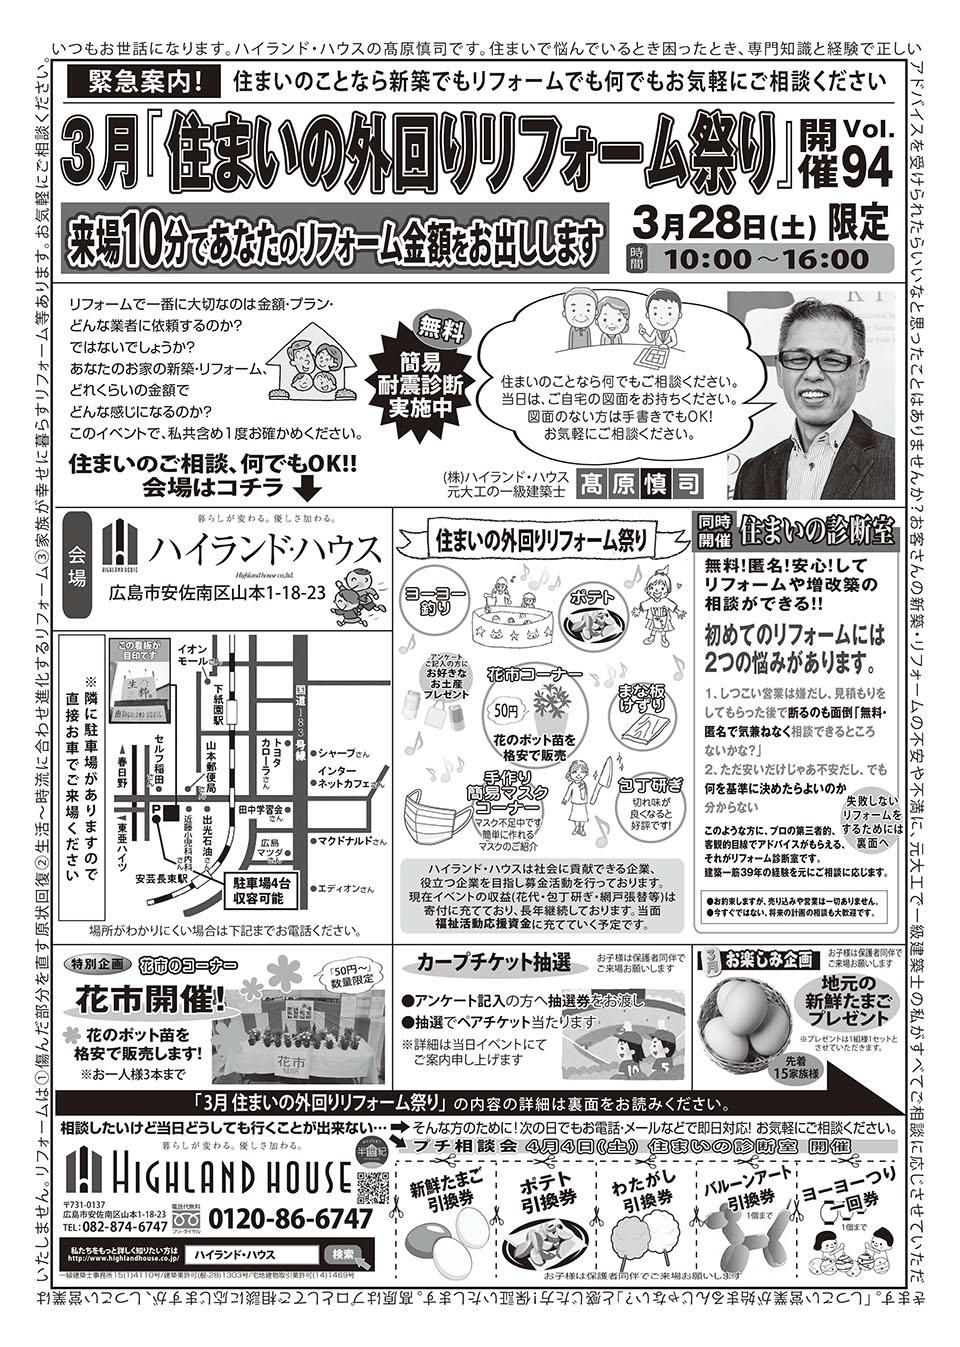 3月イベント「住まいの外回りリフォーム祭り」開催